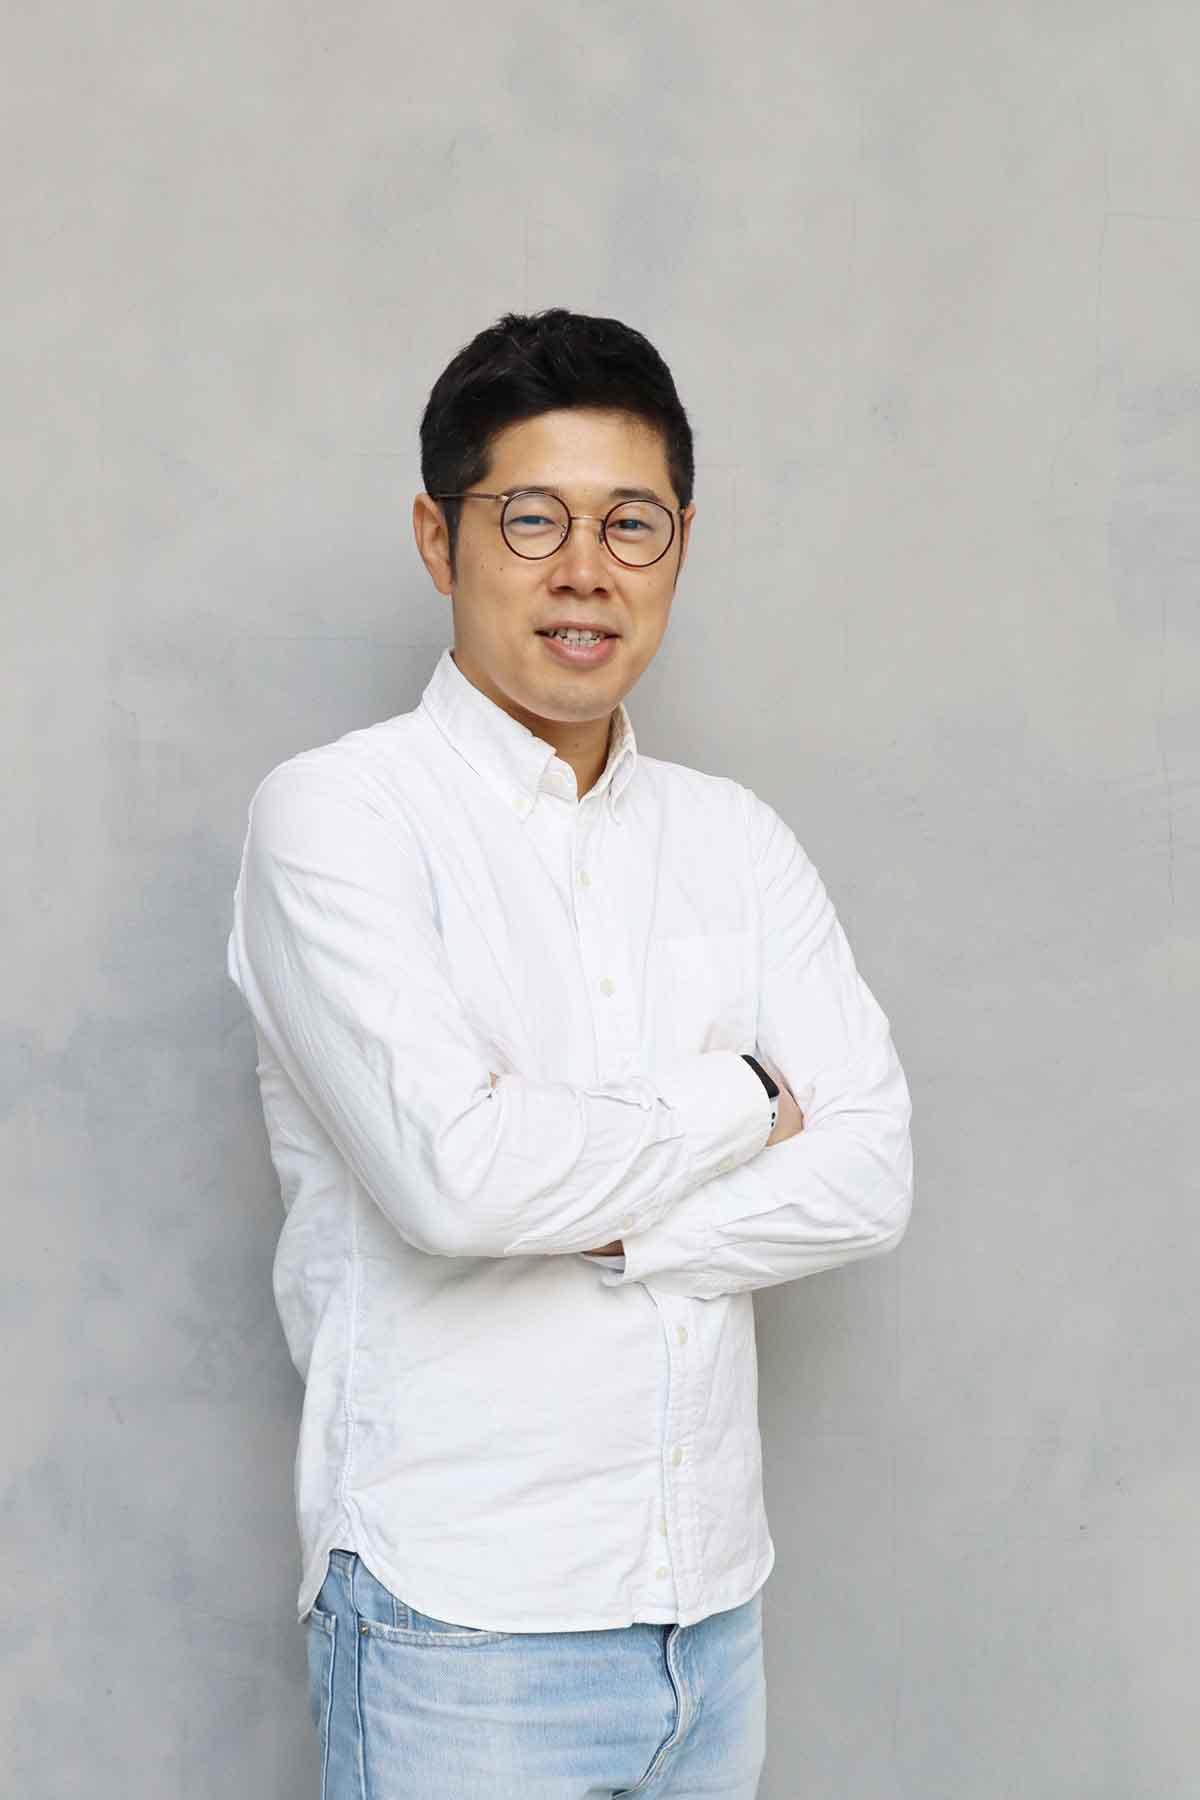 代表取締役 渡辺 敬吾